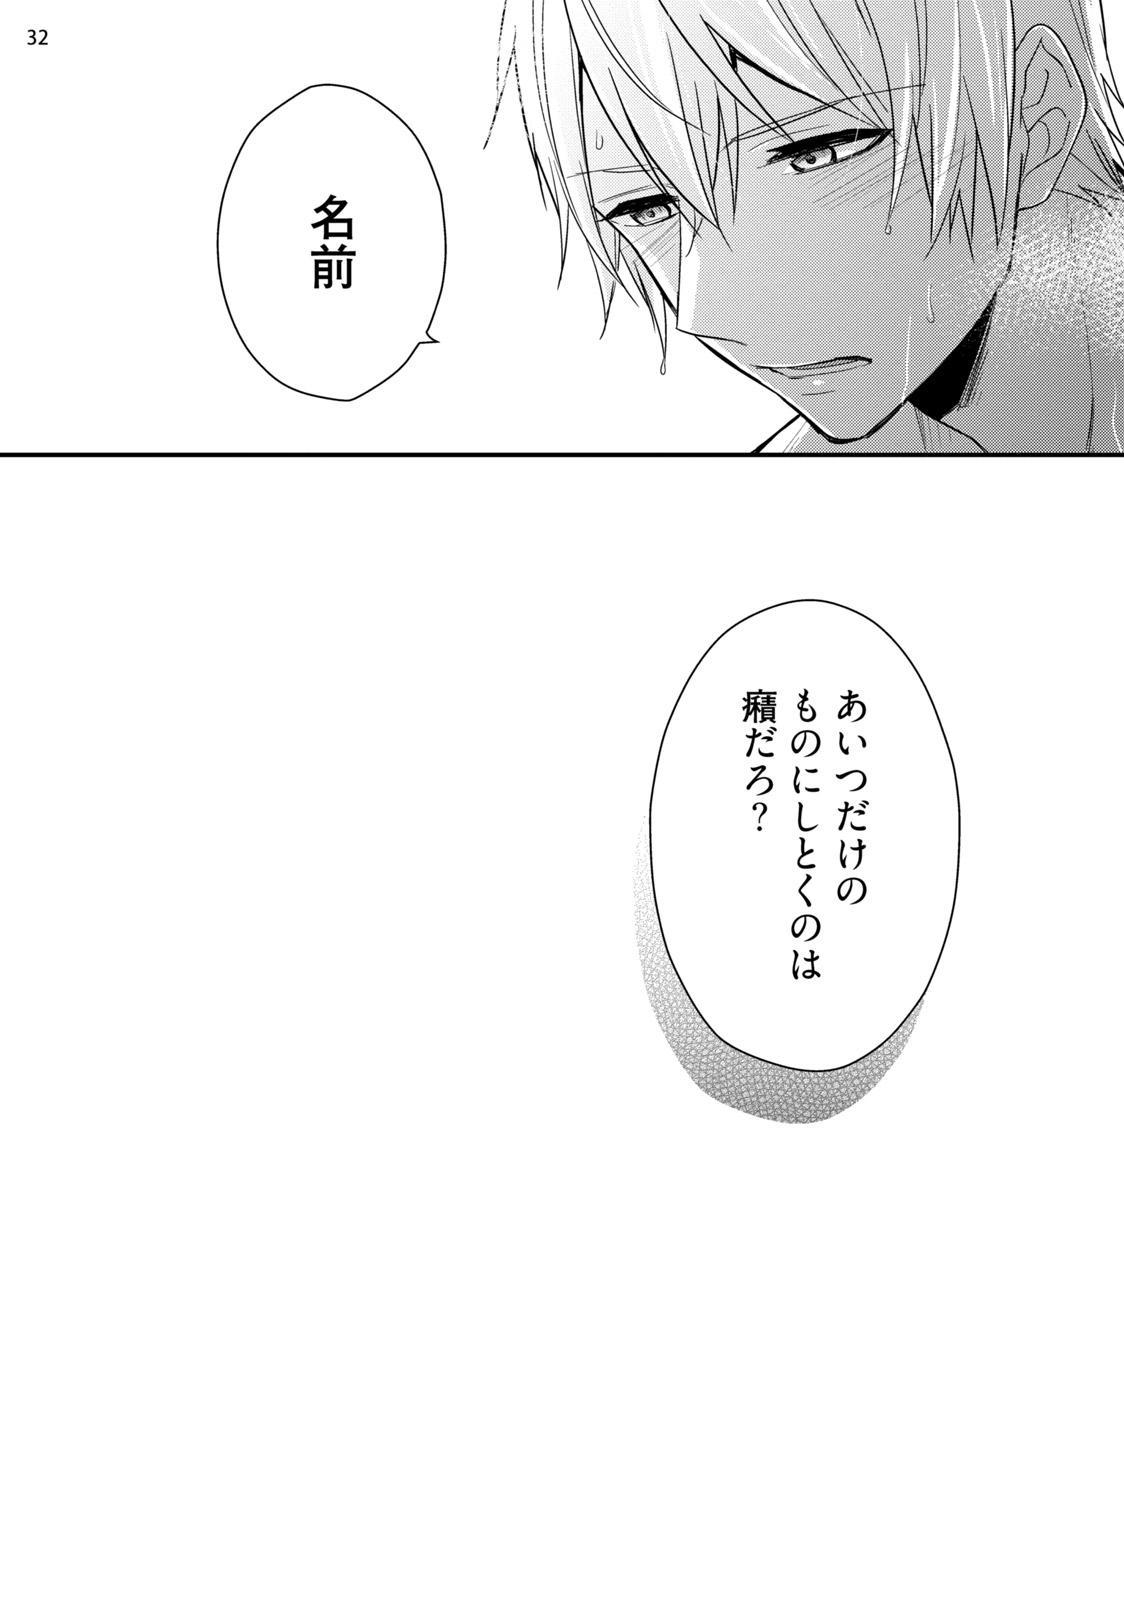 Yonaki Neko 33